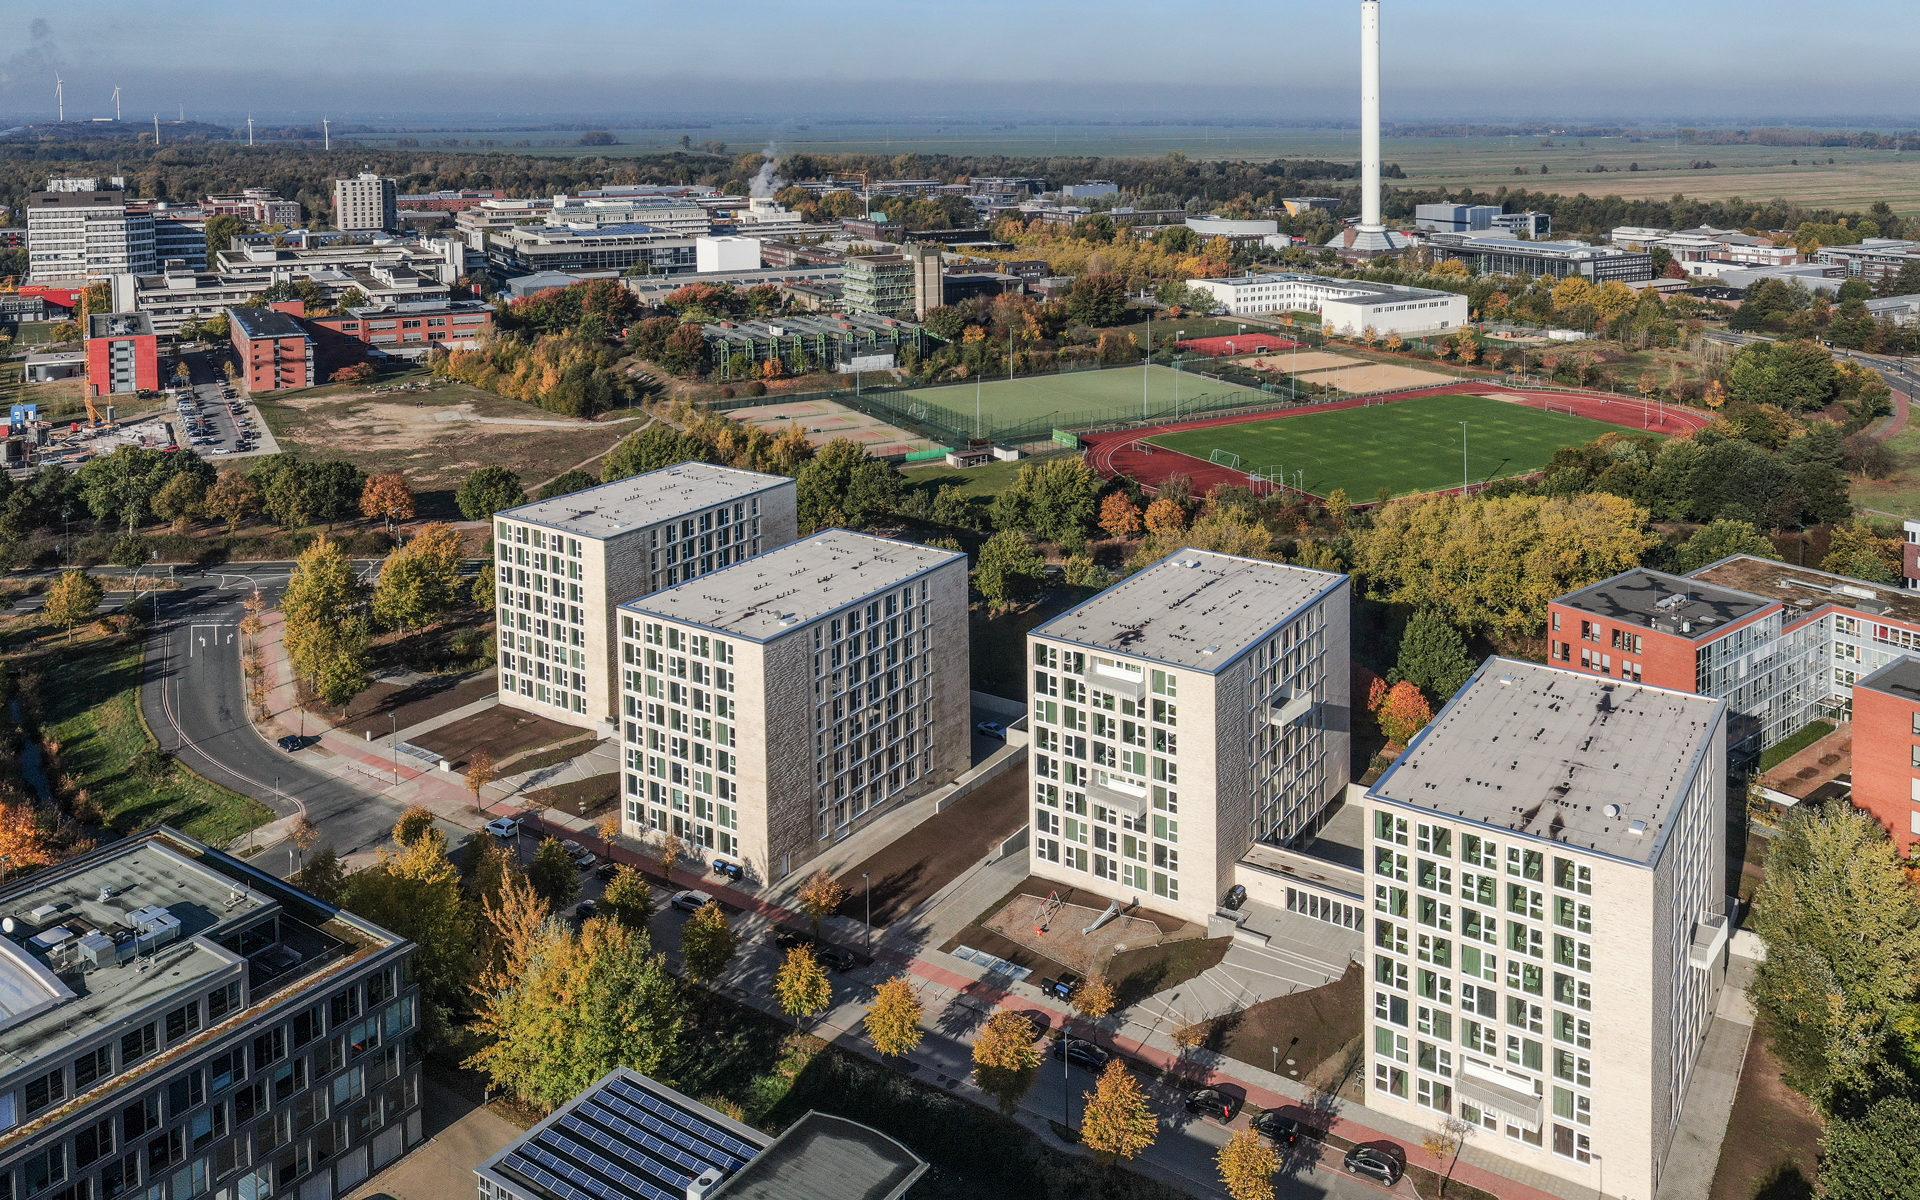 Luftfotografie öffentlicher Einrichtungen